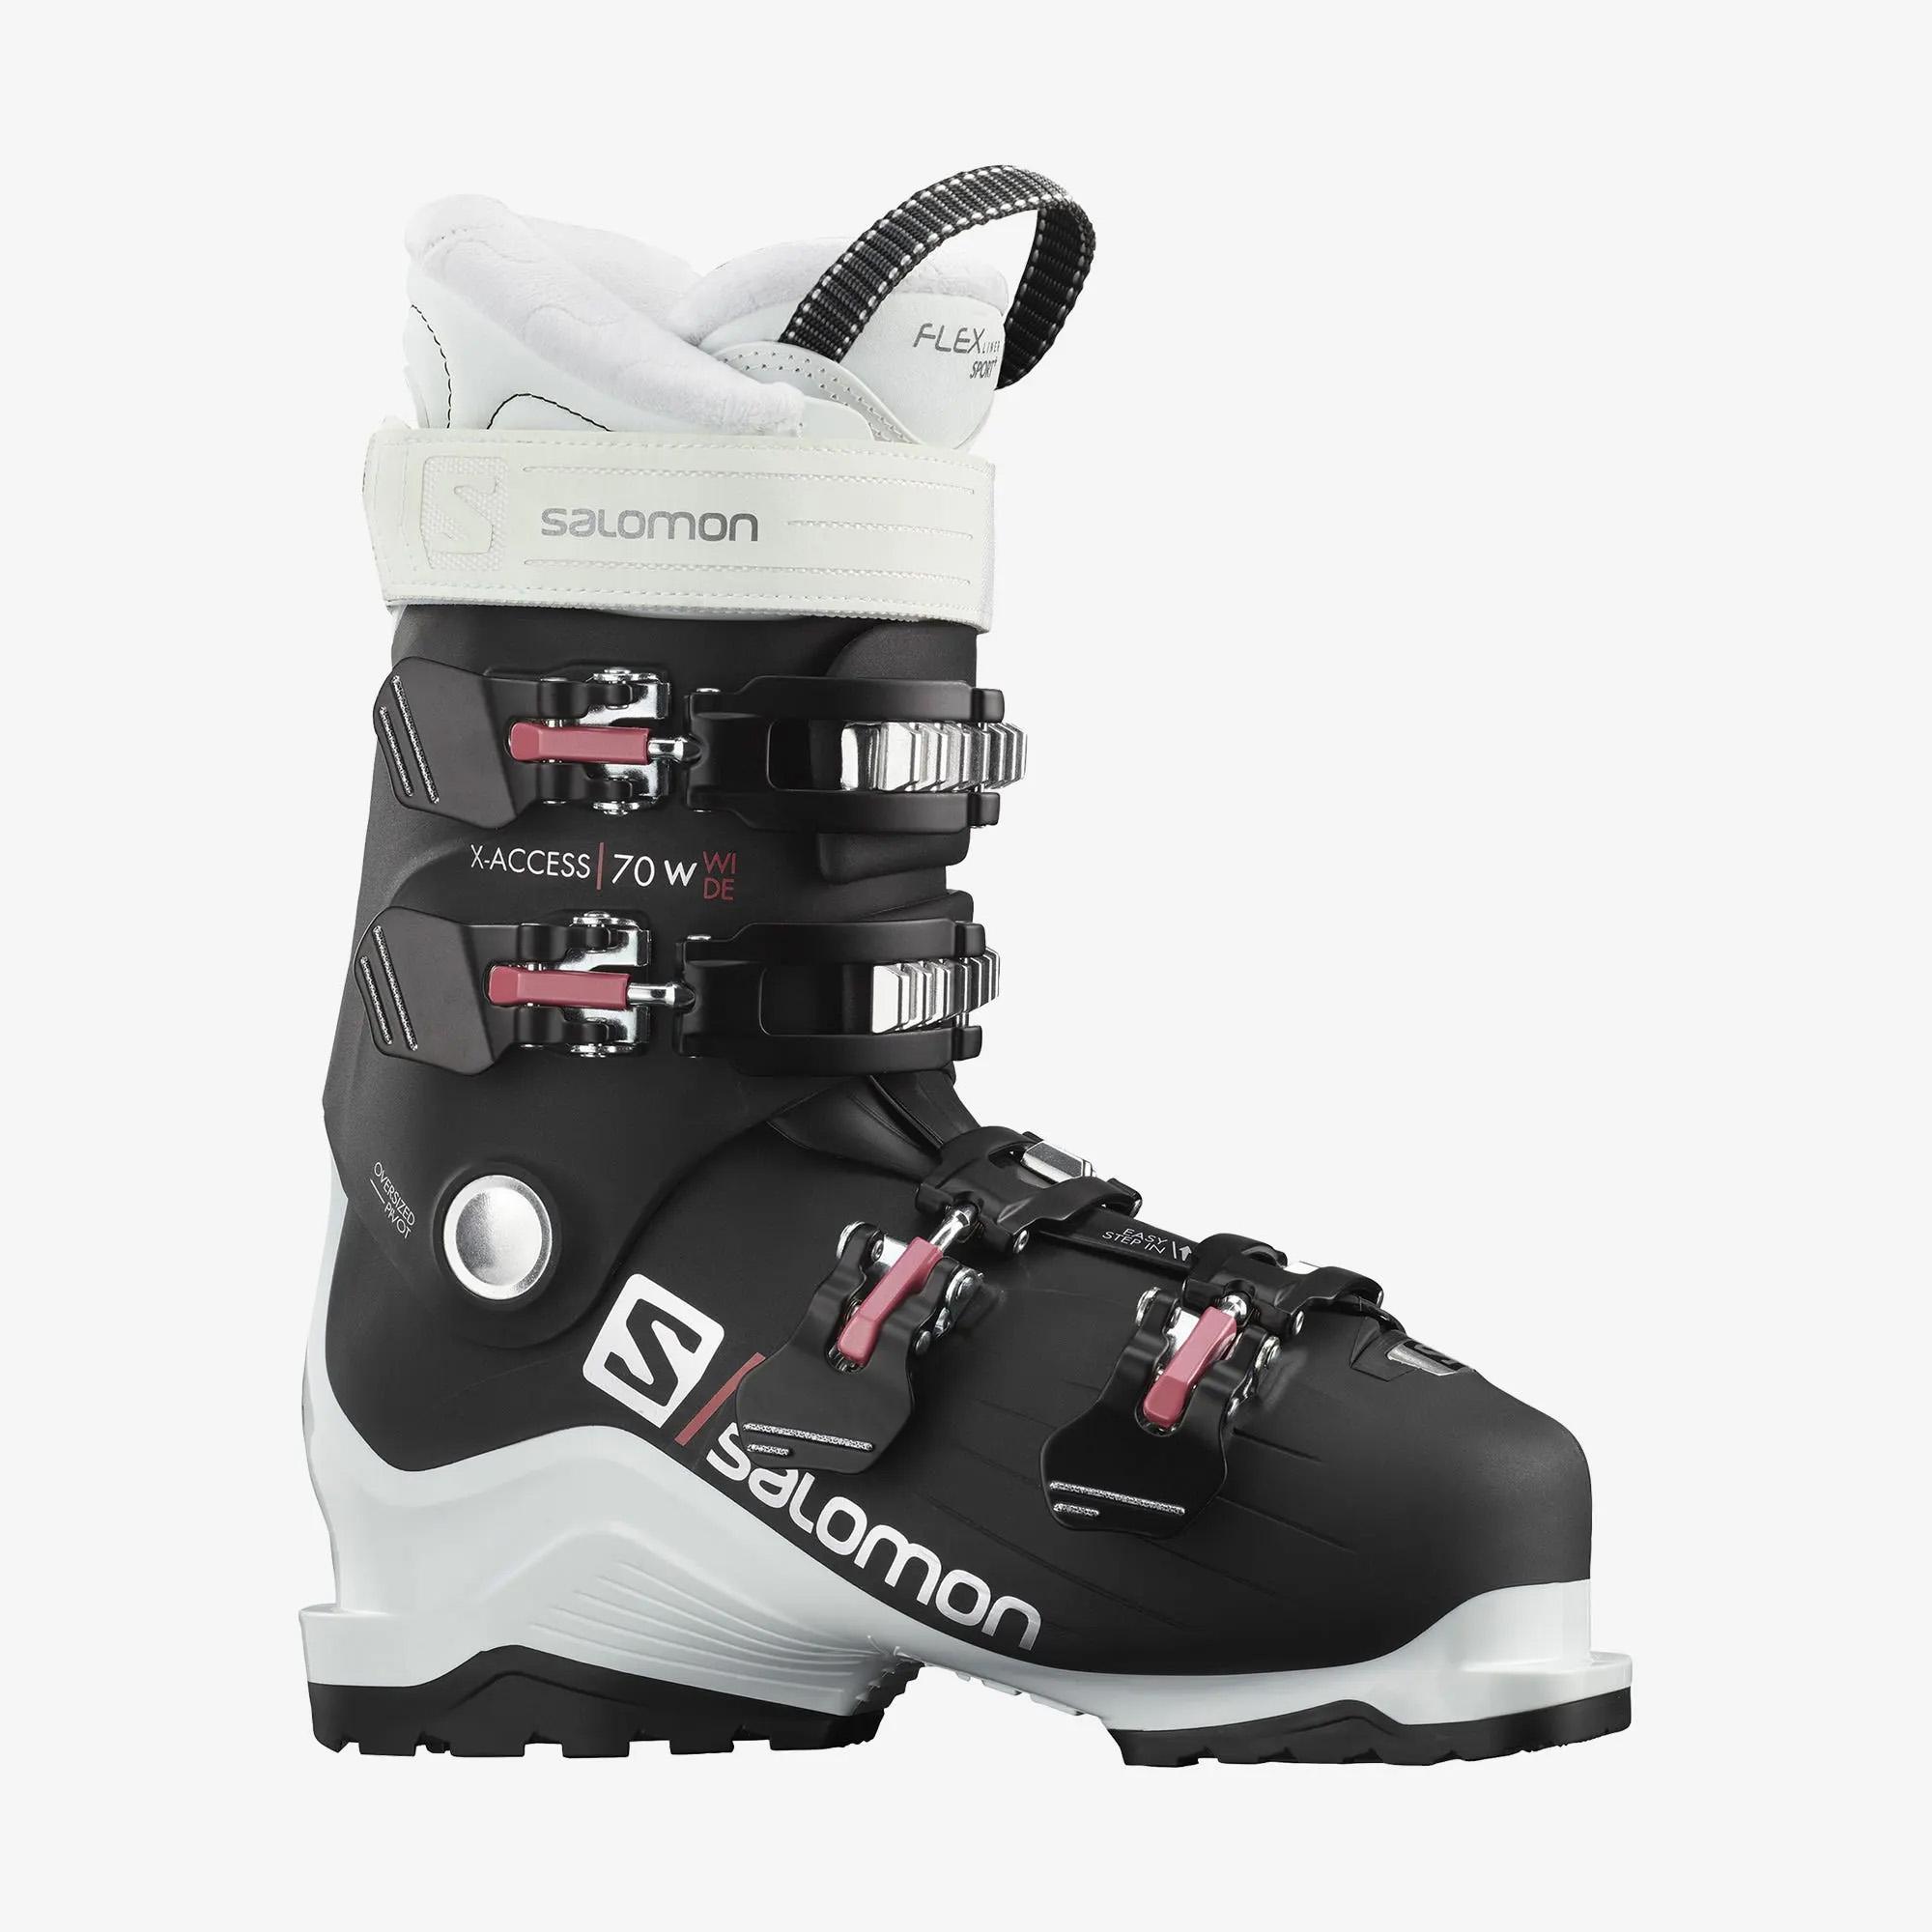 Ботинки лыжные X ACCESS 70 W WIDE